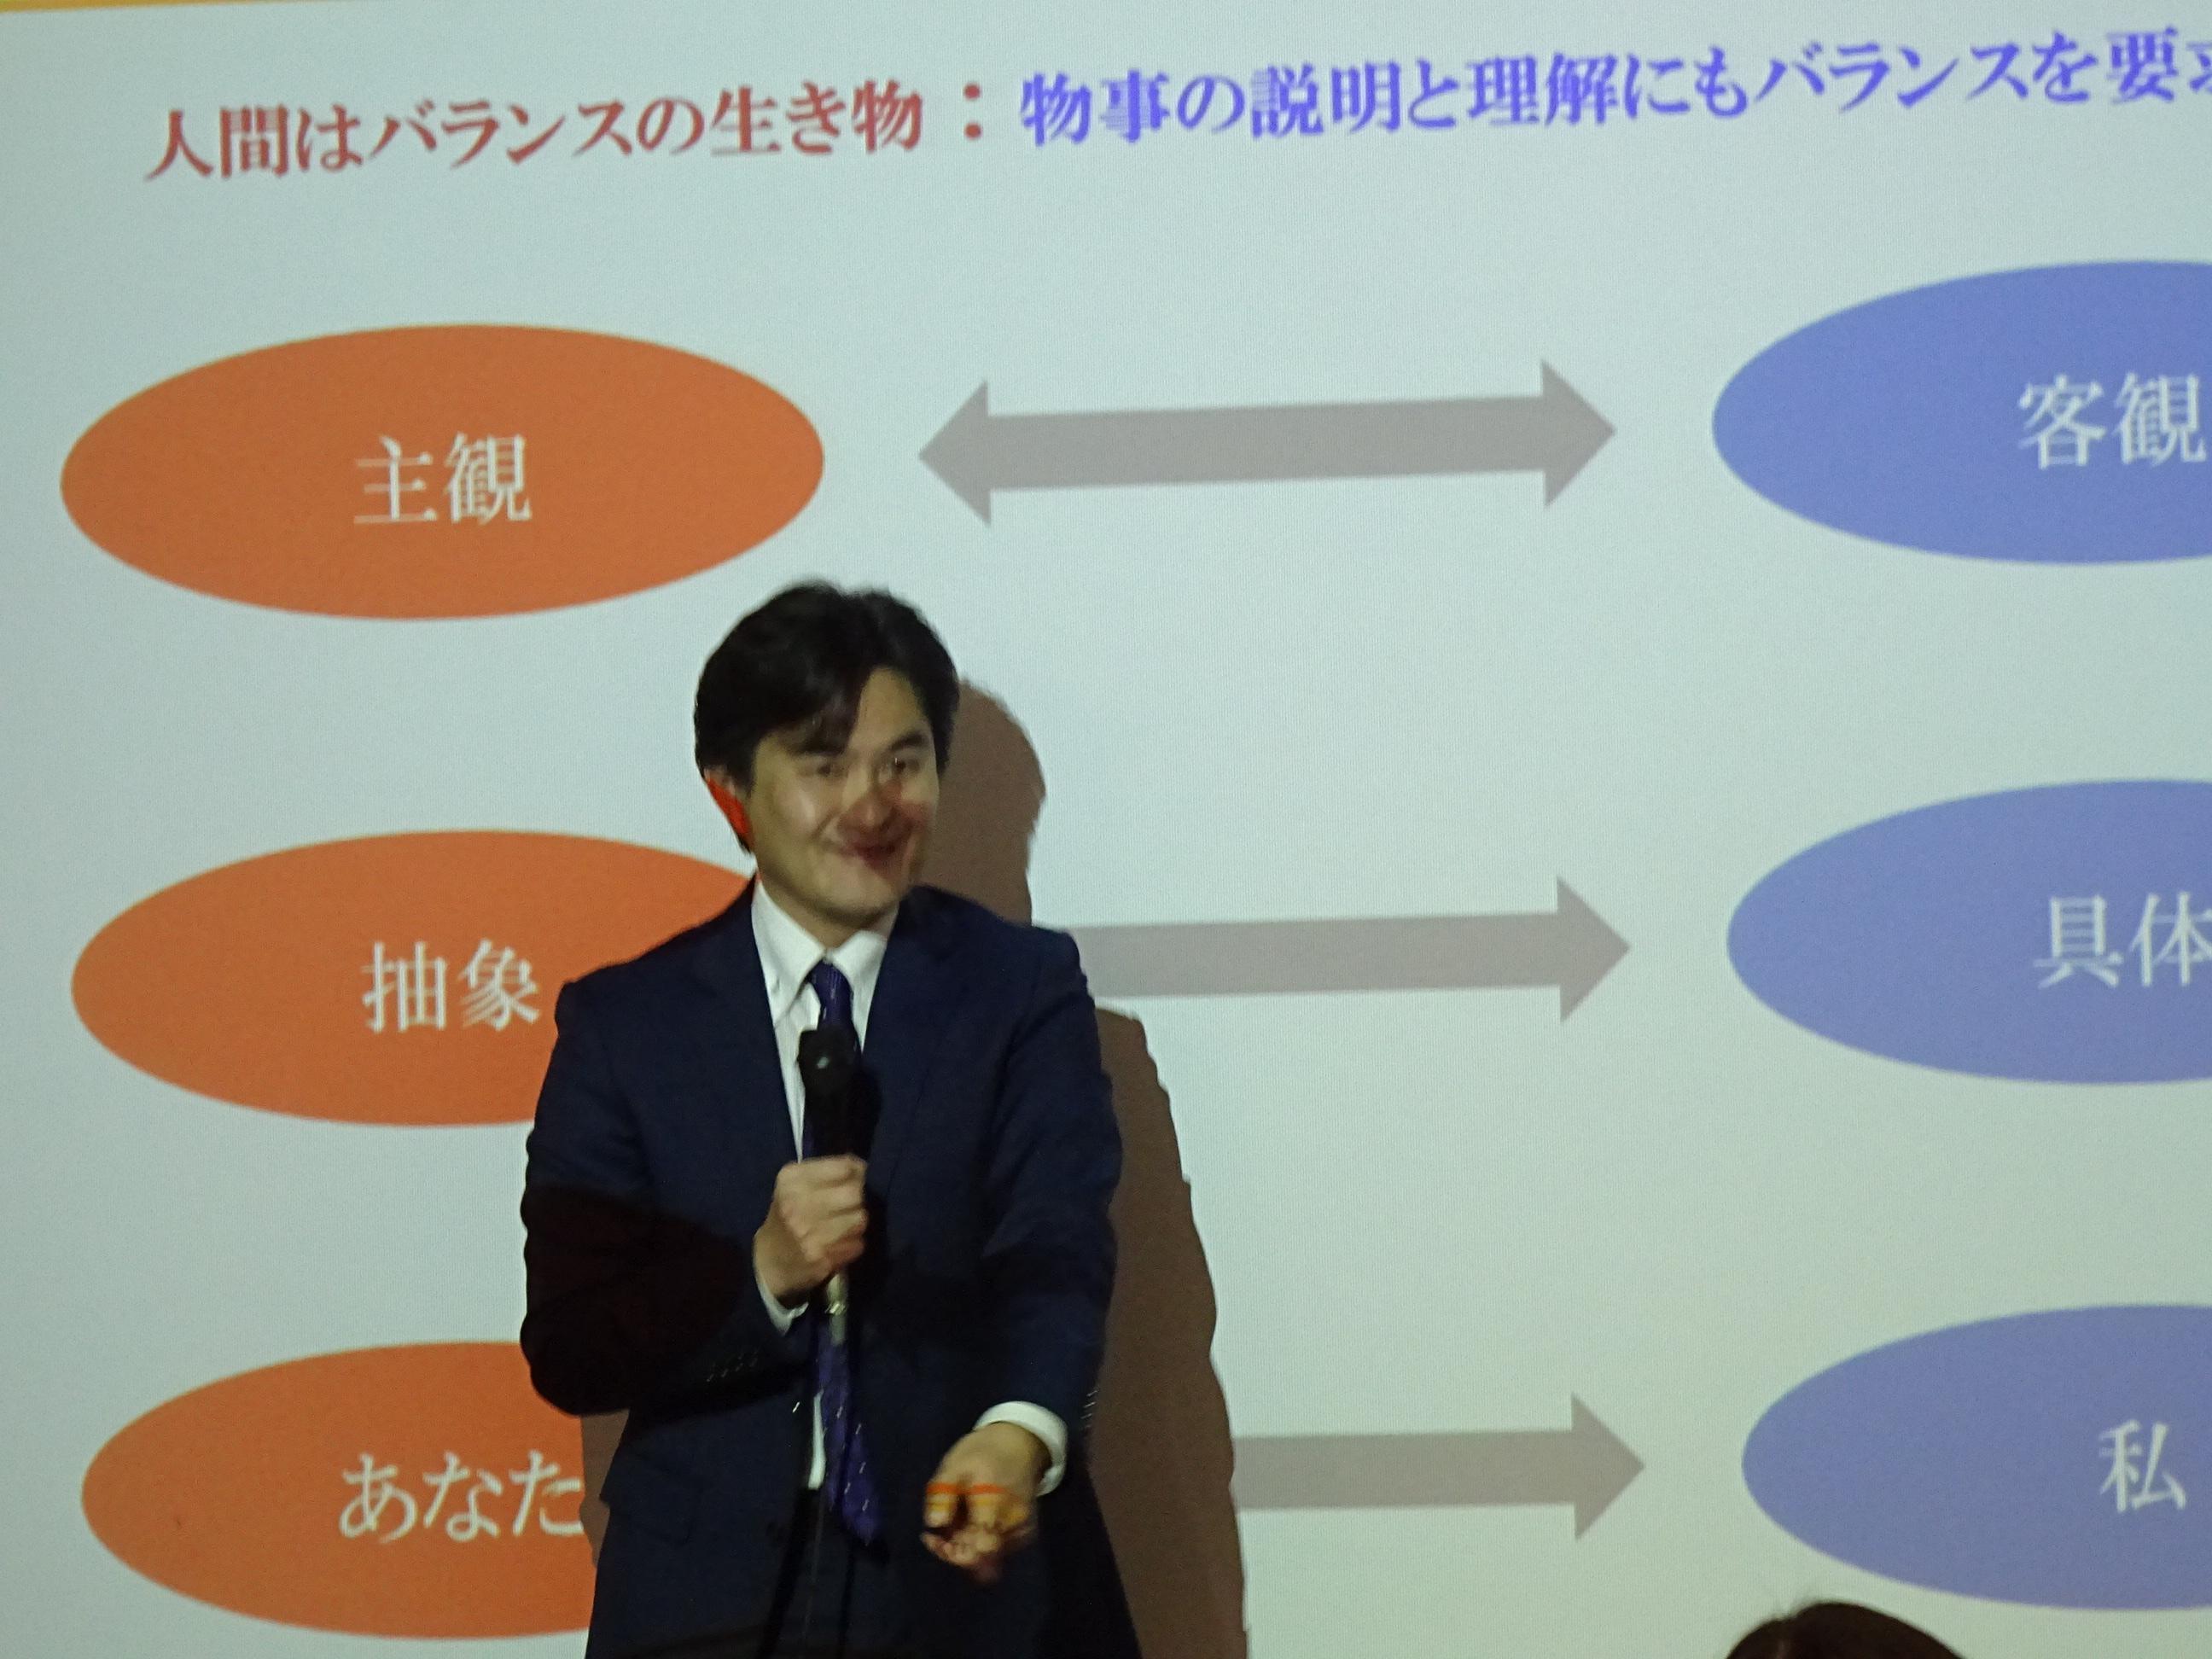 【大宮】新入社員向け新たな人間関係構築研修画像03